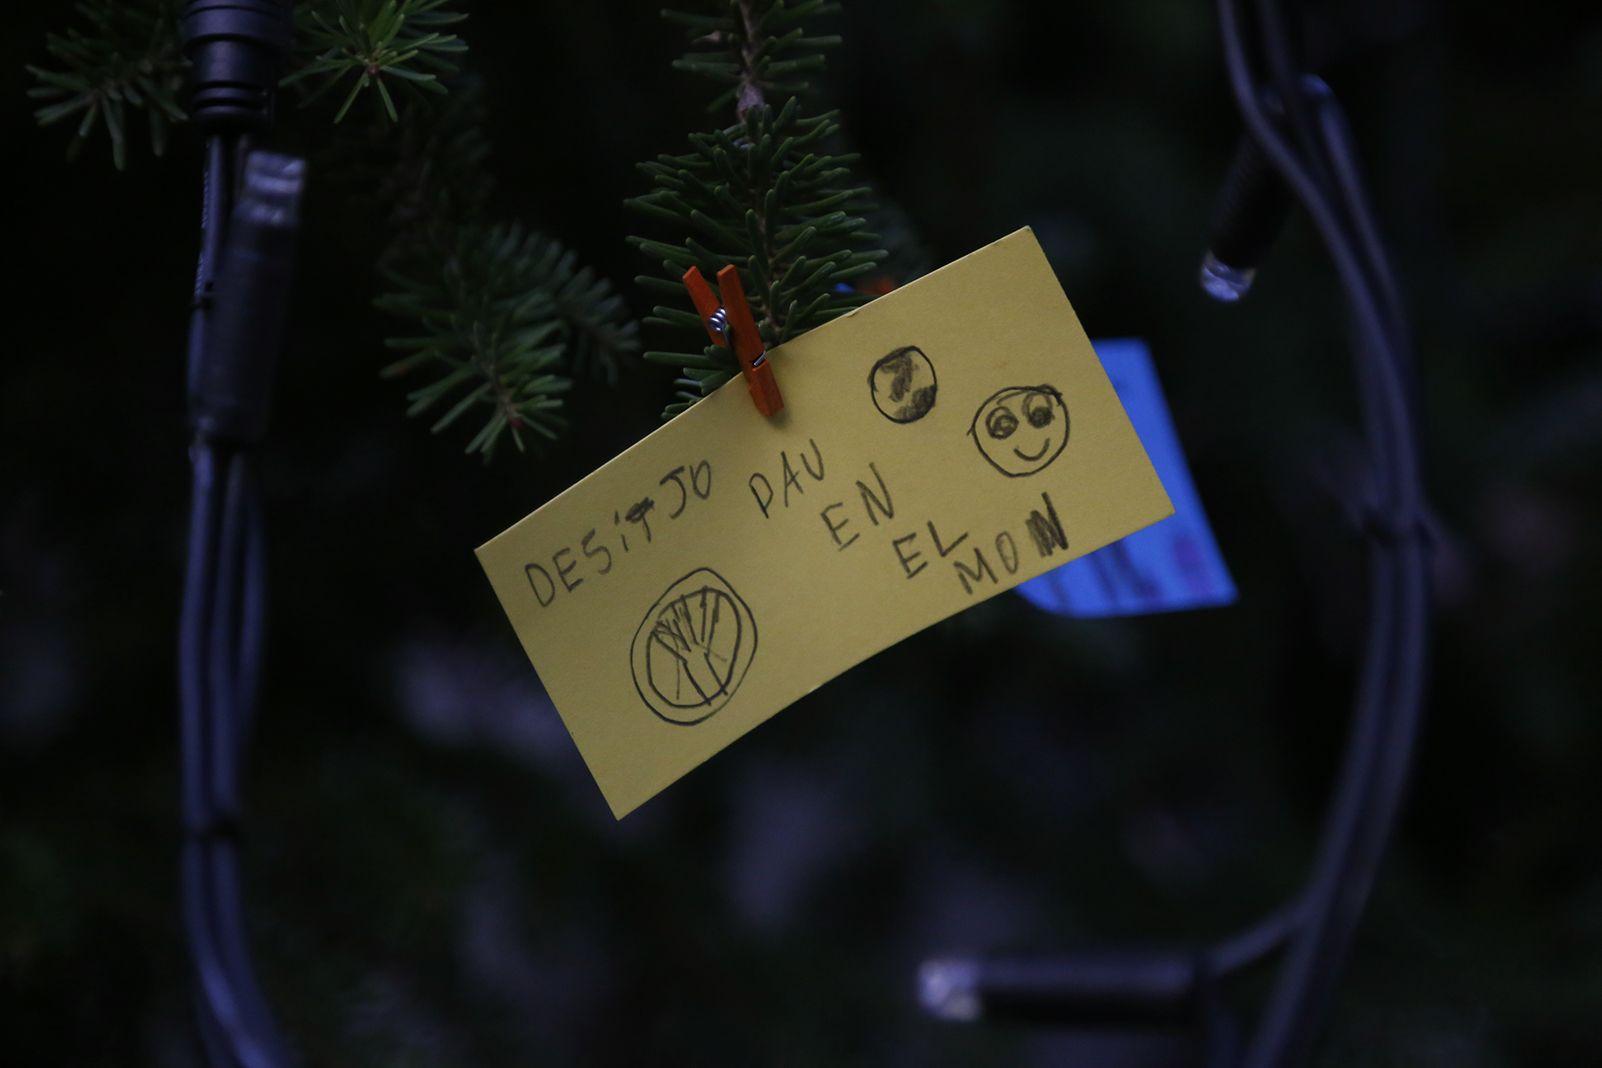 Desitjos a l'arbe de nadal de Valldoreix. FOTO: Anna Bassa